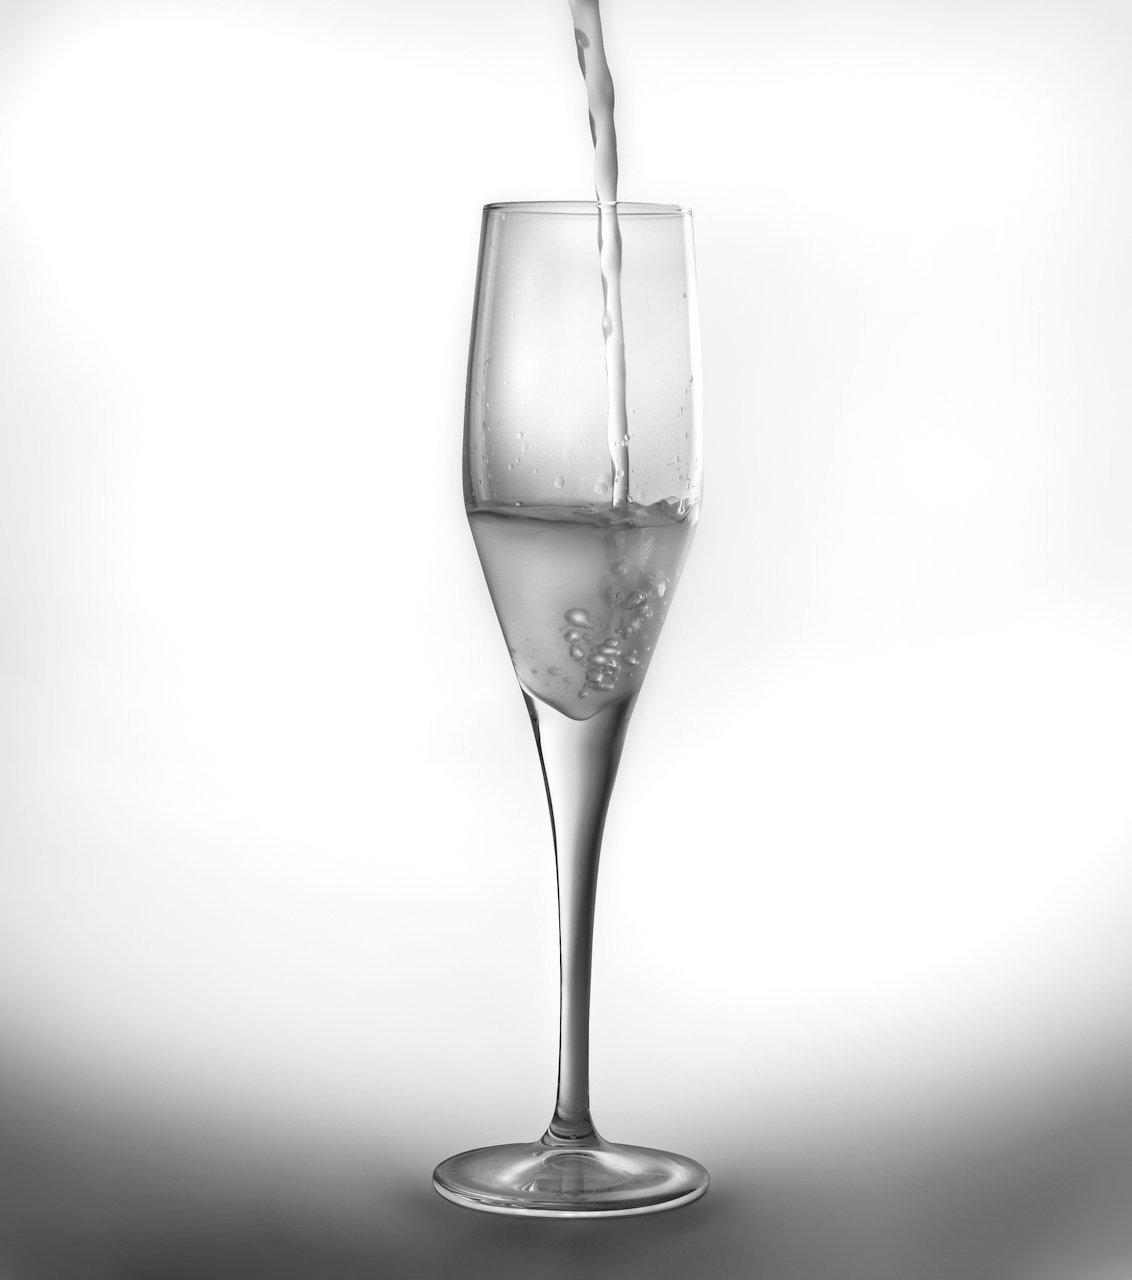 Набор из 6 бокалов для шампанского 215мл BergHOFF CooknCo Casa 2800000Бокалы и стаканы<br>Набор из 6 бокалов для шампанского 215мл BergHOFF CooknCo Casa 2800000<br><br>Наиболее часто используется для шампанского или игристых вин, однако эти фужеры подходят также для определенных сортов пива. Ножки этих бокалов удобно держать в руке, а прозрачные фигурные формы самих бокалов подчеркнут красоту напитка.<br>